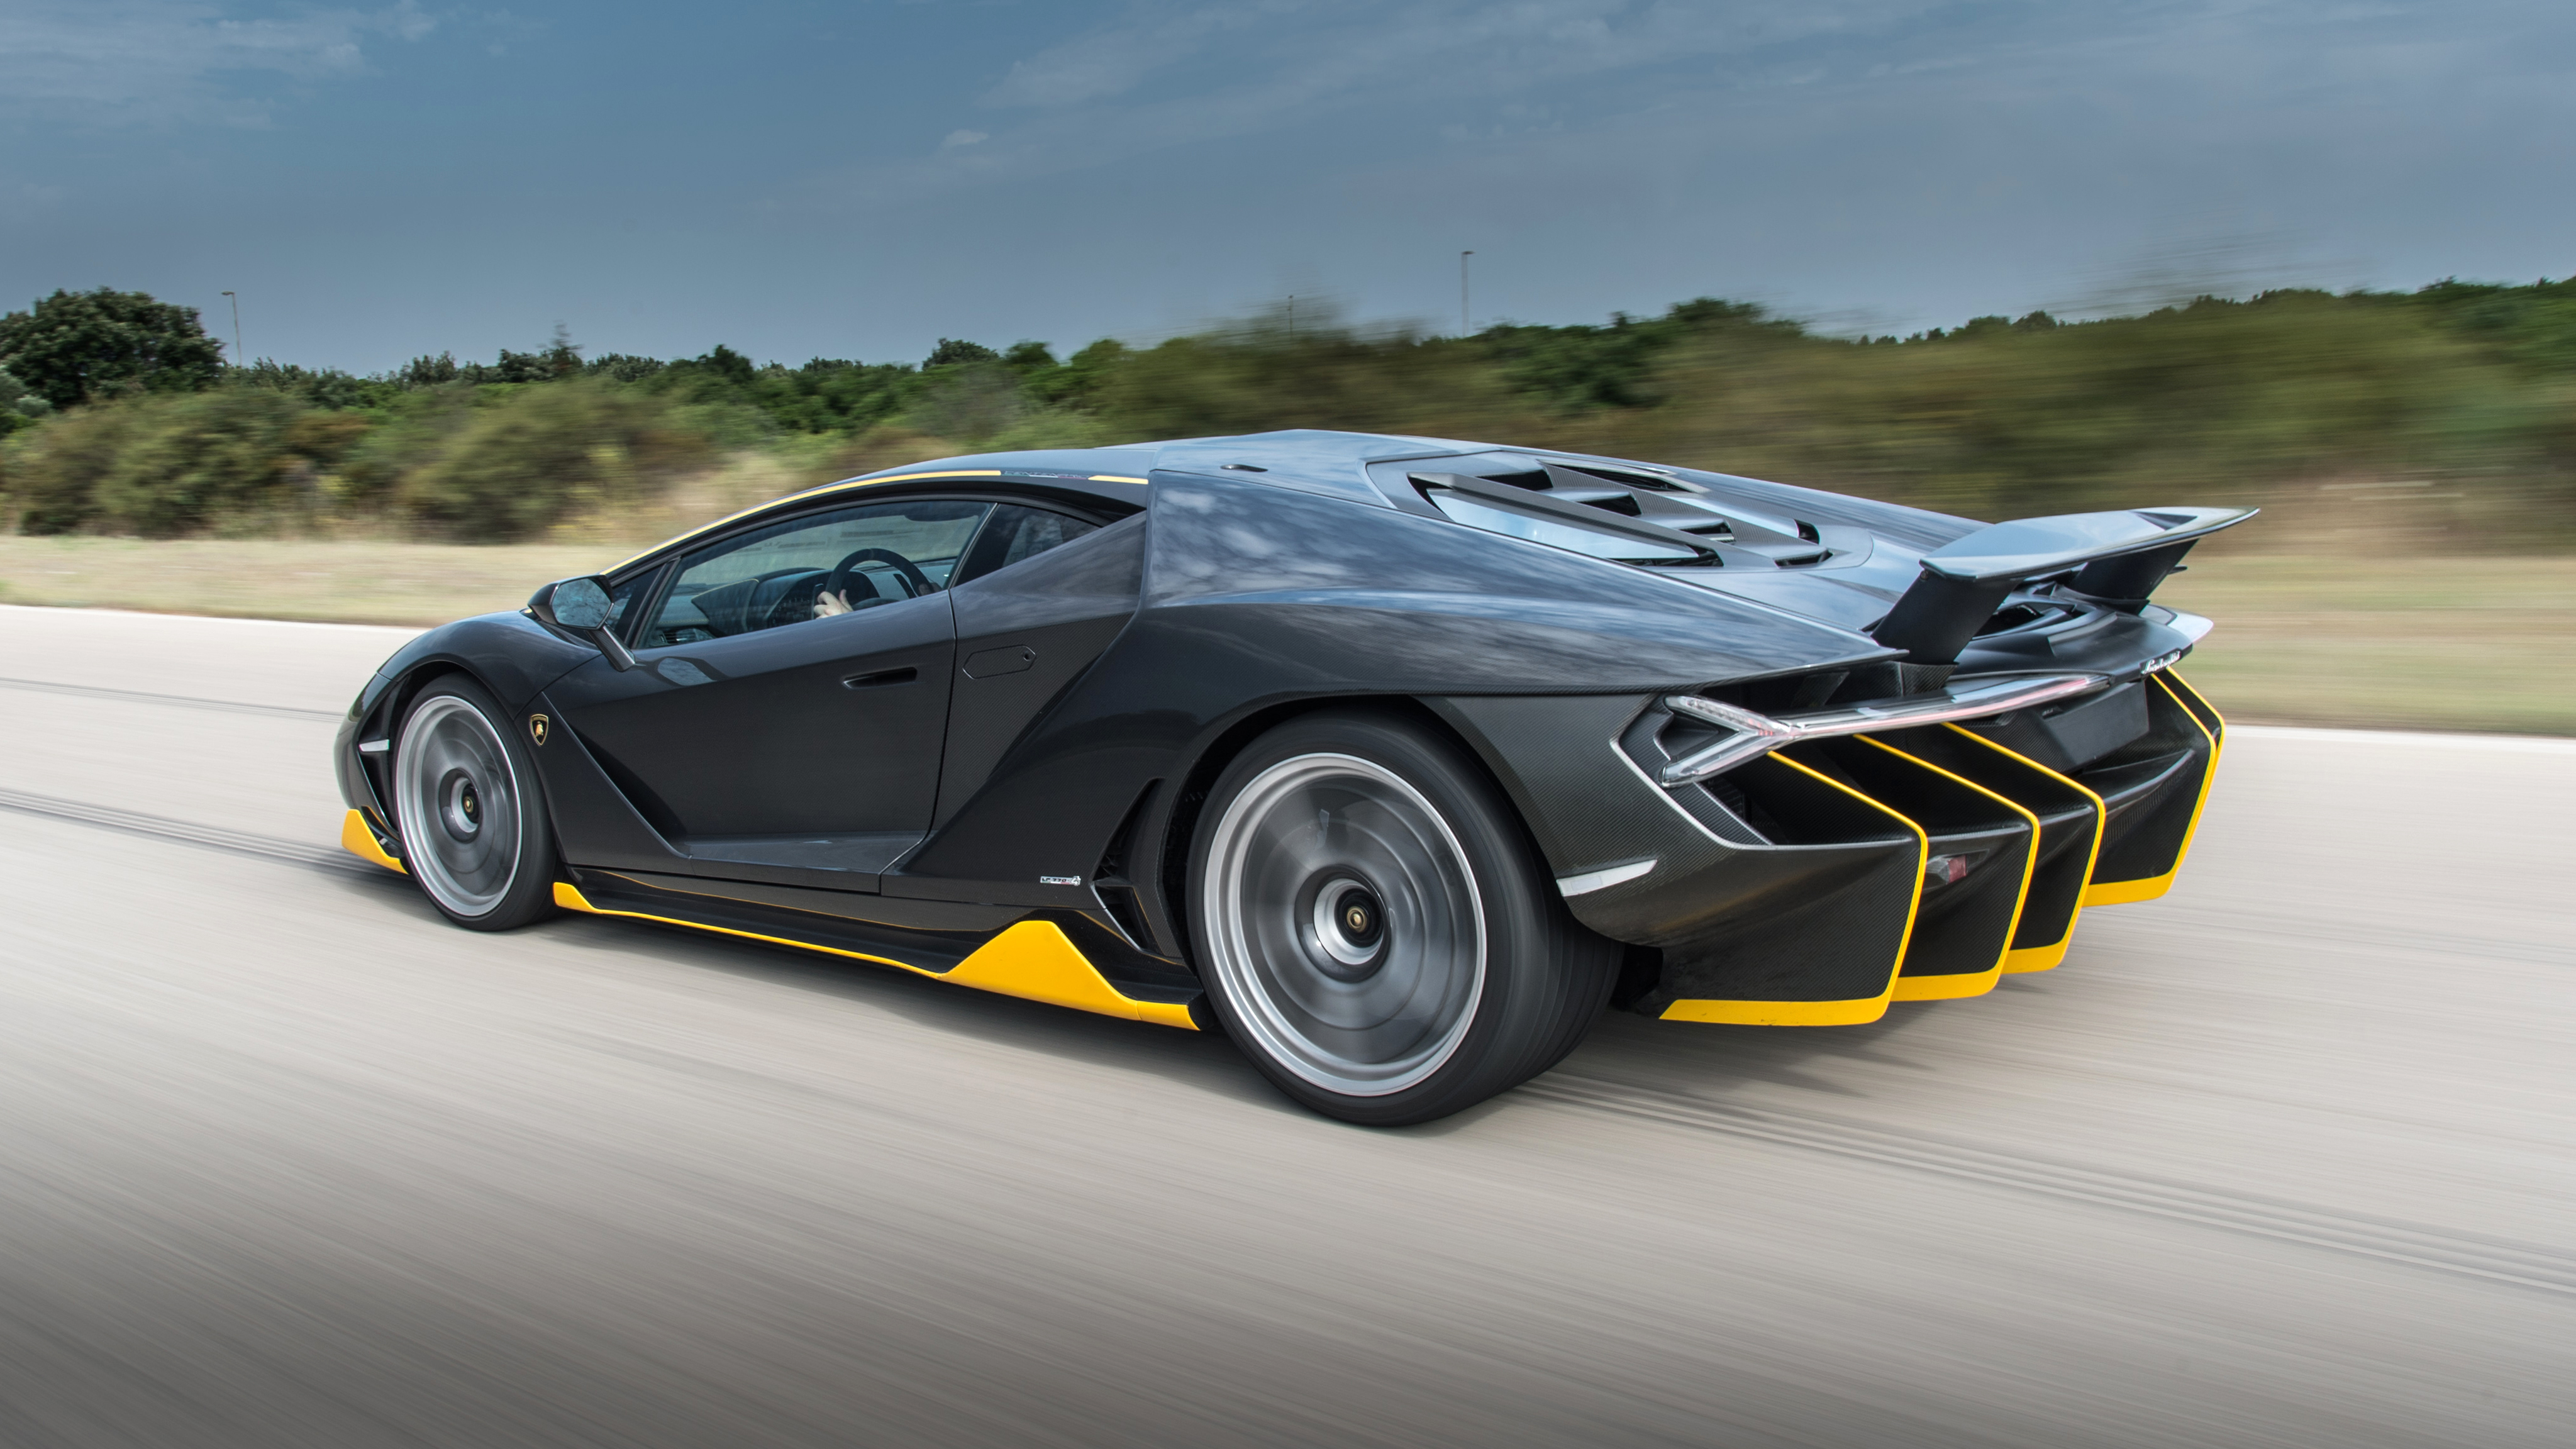 126052 Hintergrundbild herunterladen Lamborghini, Cars, Seitenansicht, Geschwindigkeit, Jahrhundert, Centenario - Bildschirmschoner und Bilder kostenlos